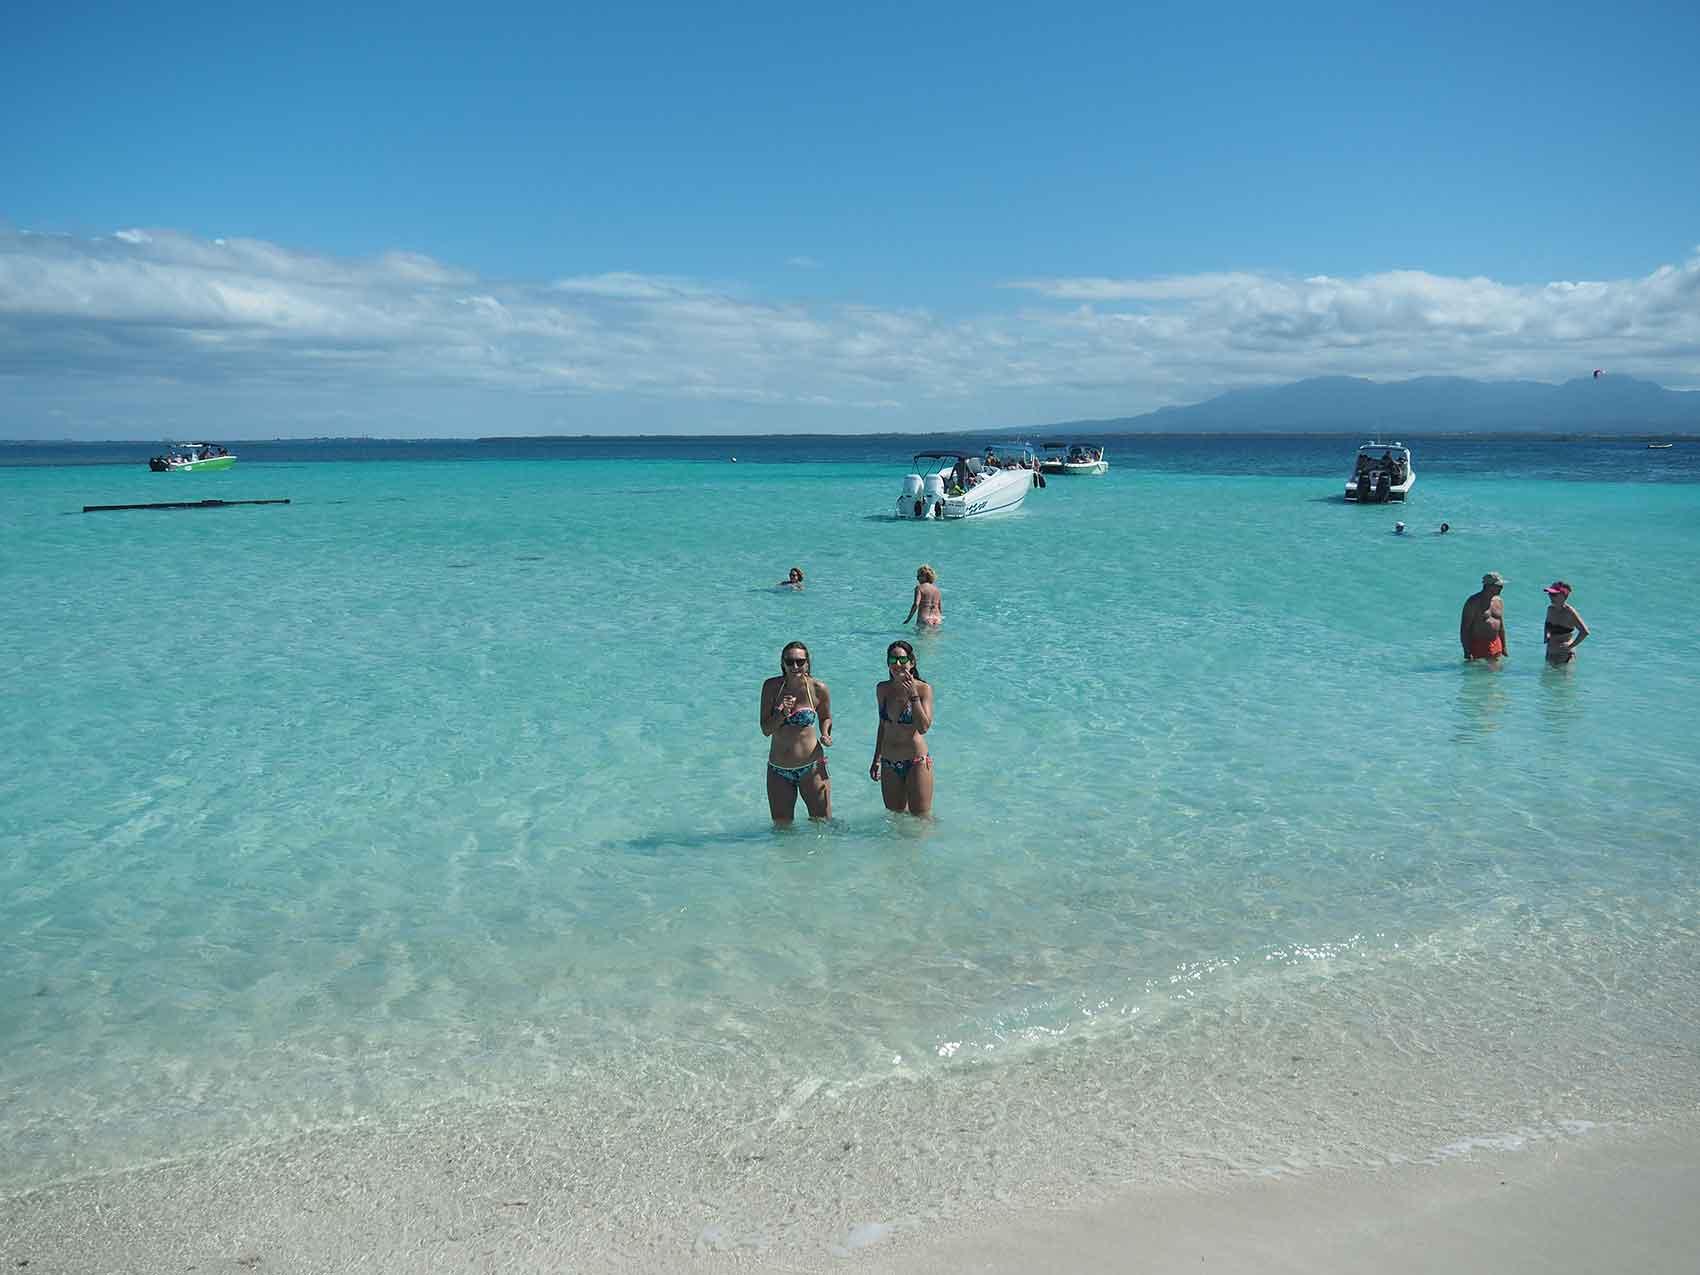 Anaïs et Morgane dans l'eau bleue turquoise autour de l'îlet Caret, en Guadeloupe.